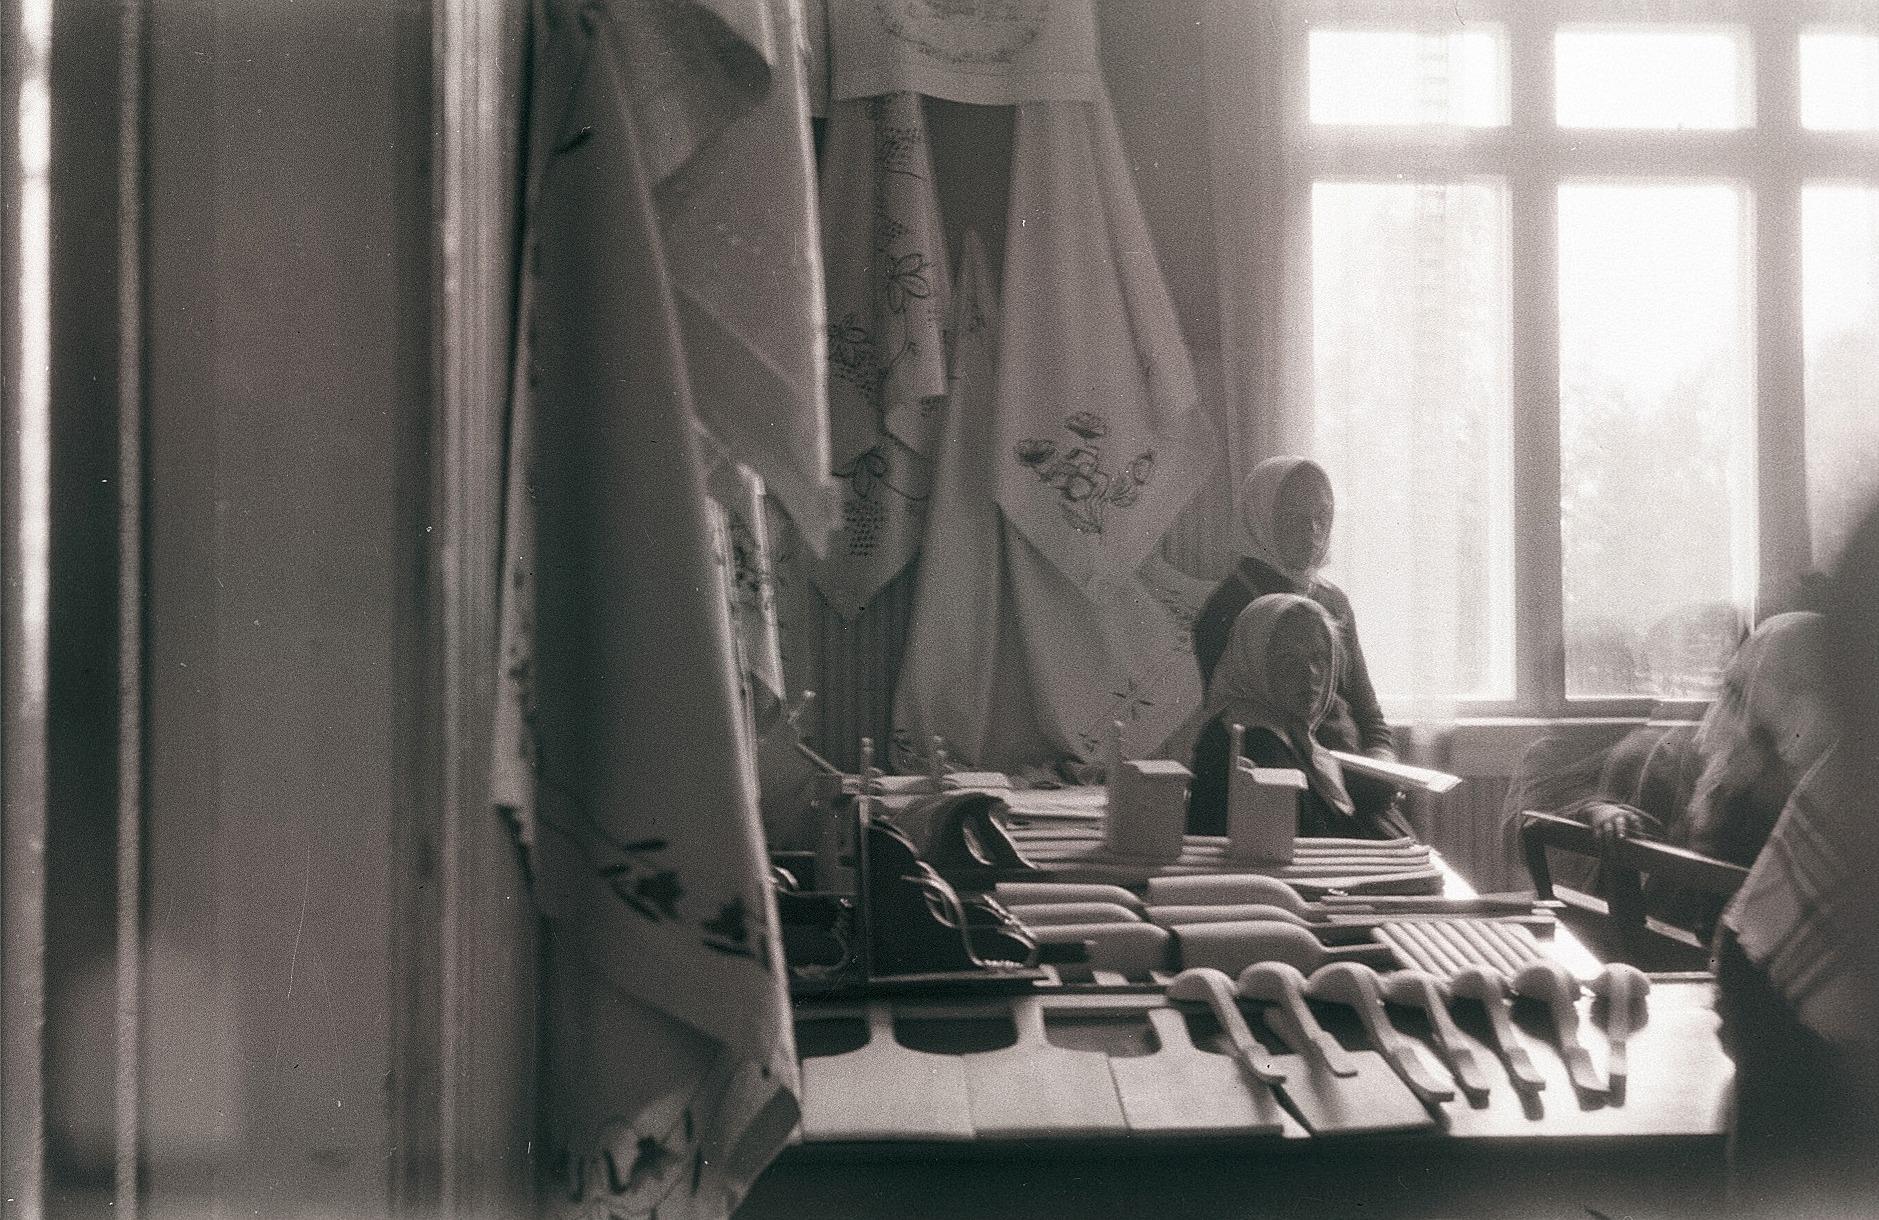 Vid skolavslutningen 1930 ställdes elevernas arbeten ut. På väggarna hänger flickornas handarbeten och på bordet finns pojkarnas slöjdföremål, bland annat slevar, mjölskopor, yxskaft, saltkar, degspadar och mycket annat.